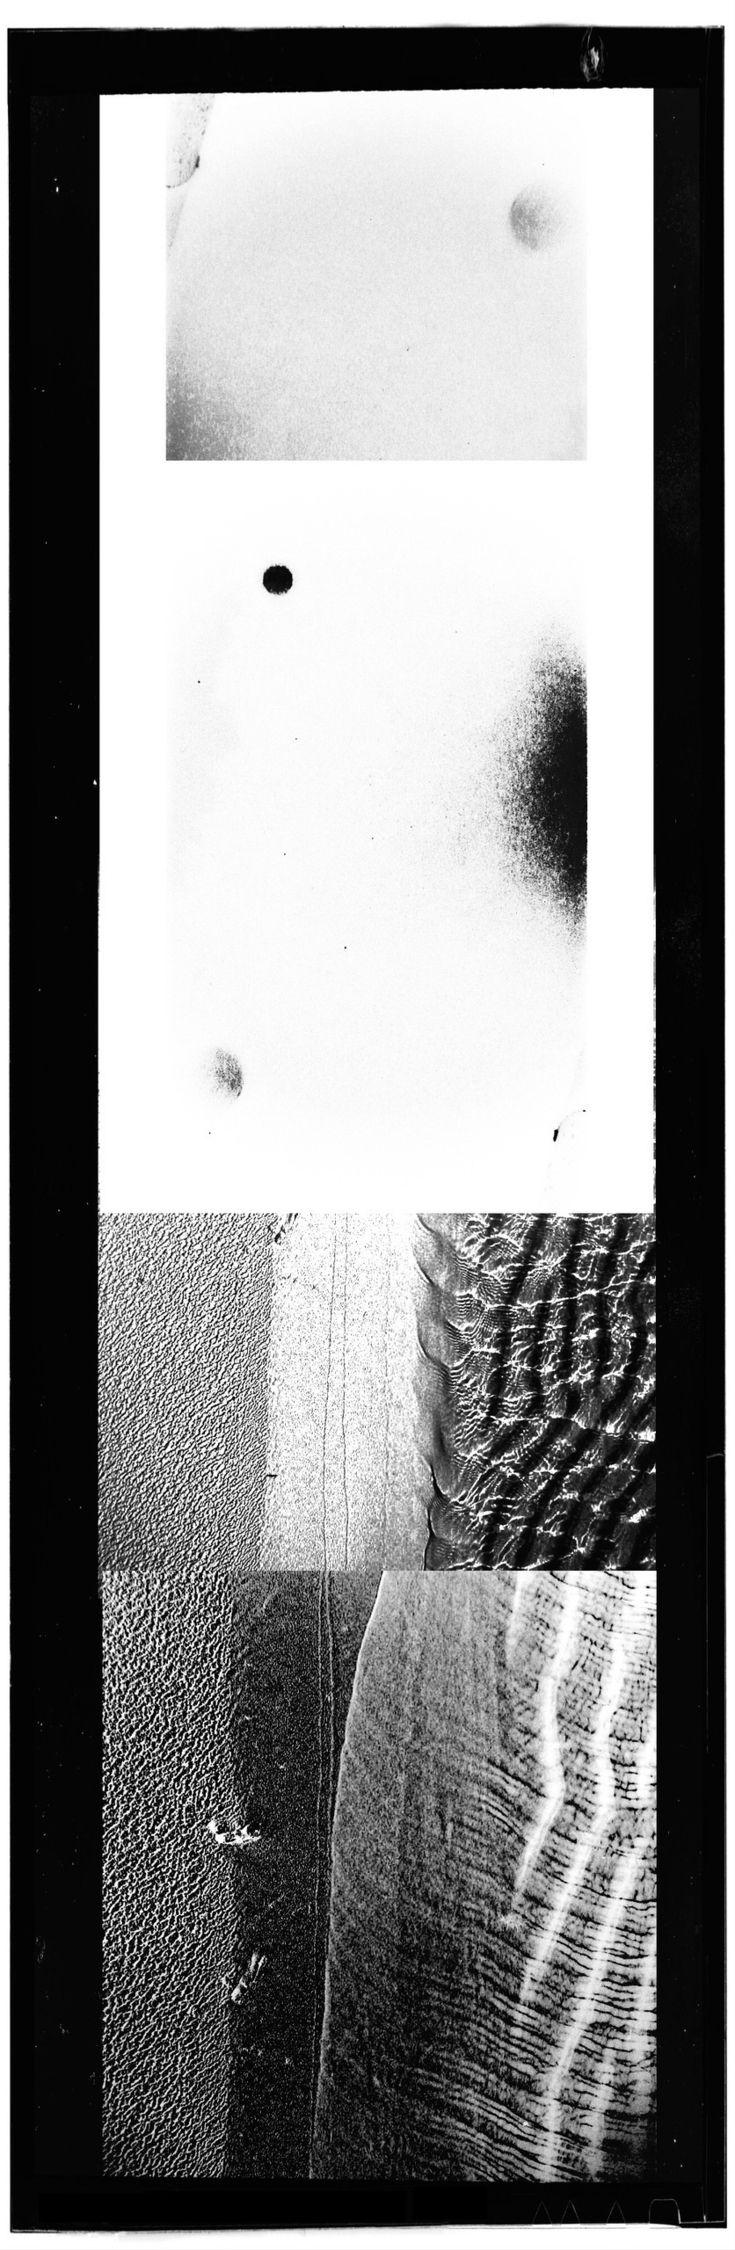 BLACK STARS WHITE SKY - danieljohansson | ello